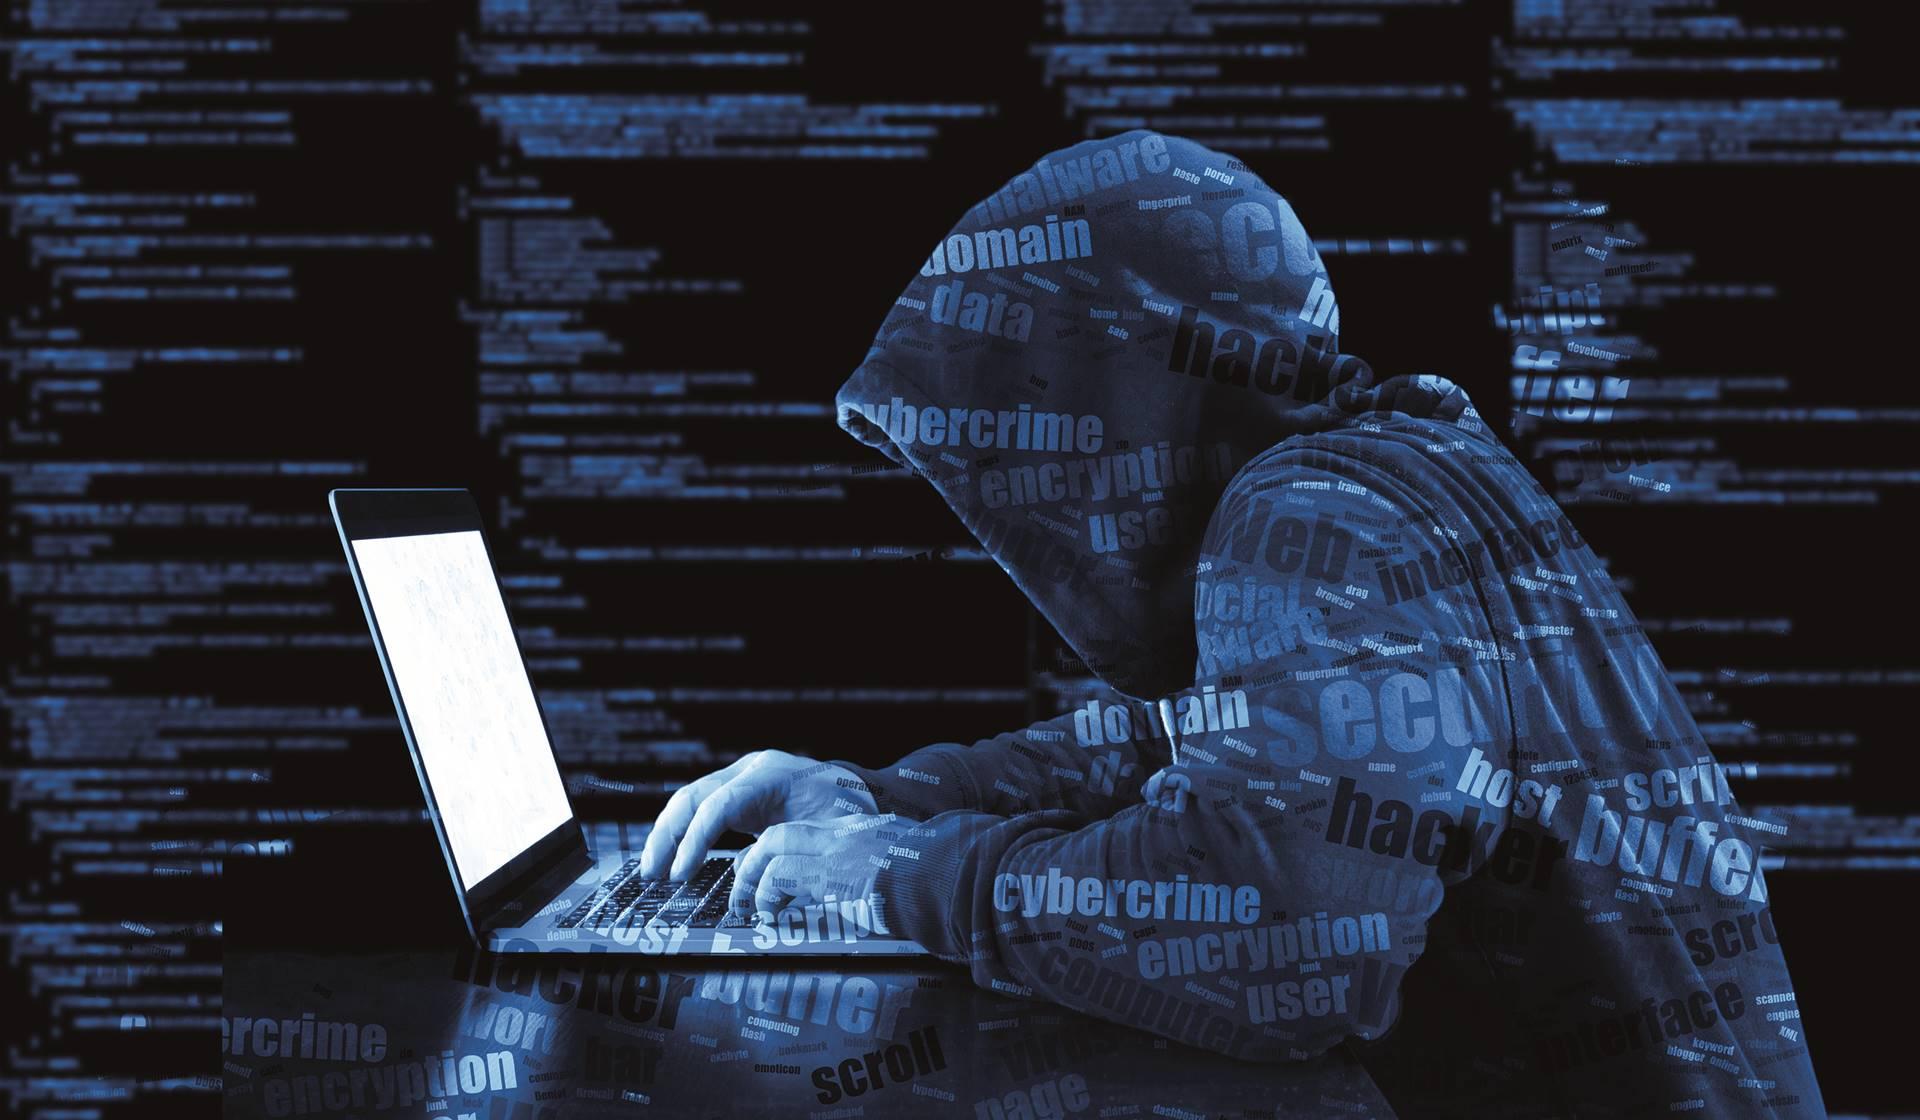 ¿Es posible una ciberguerra mundial? Formación en ciberseguridad.